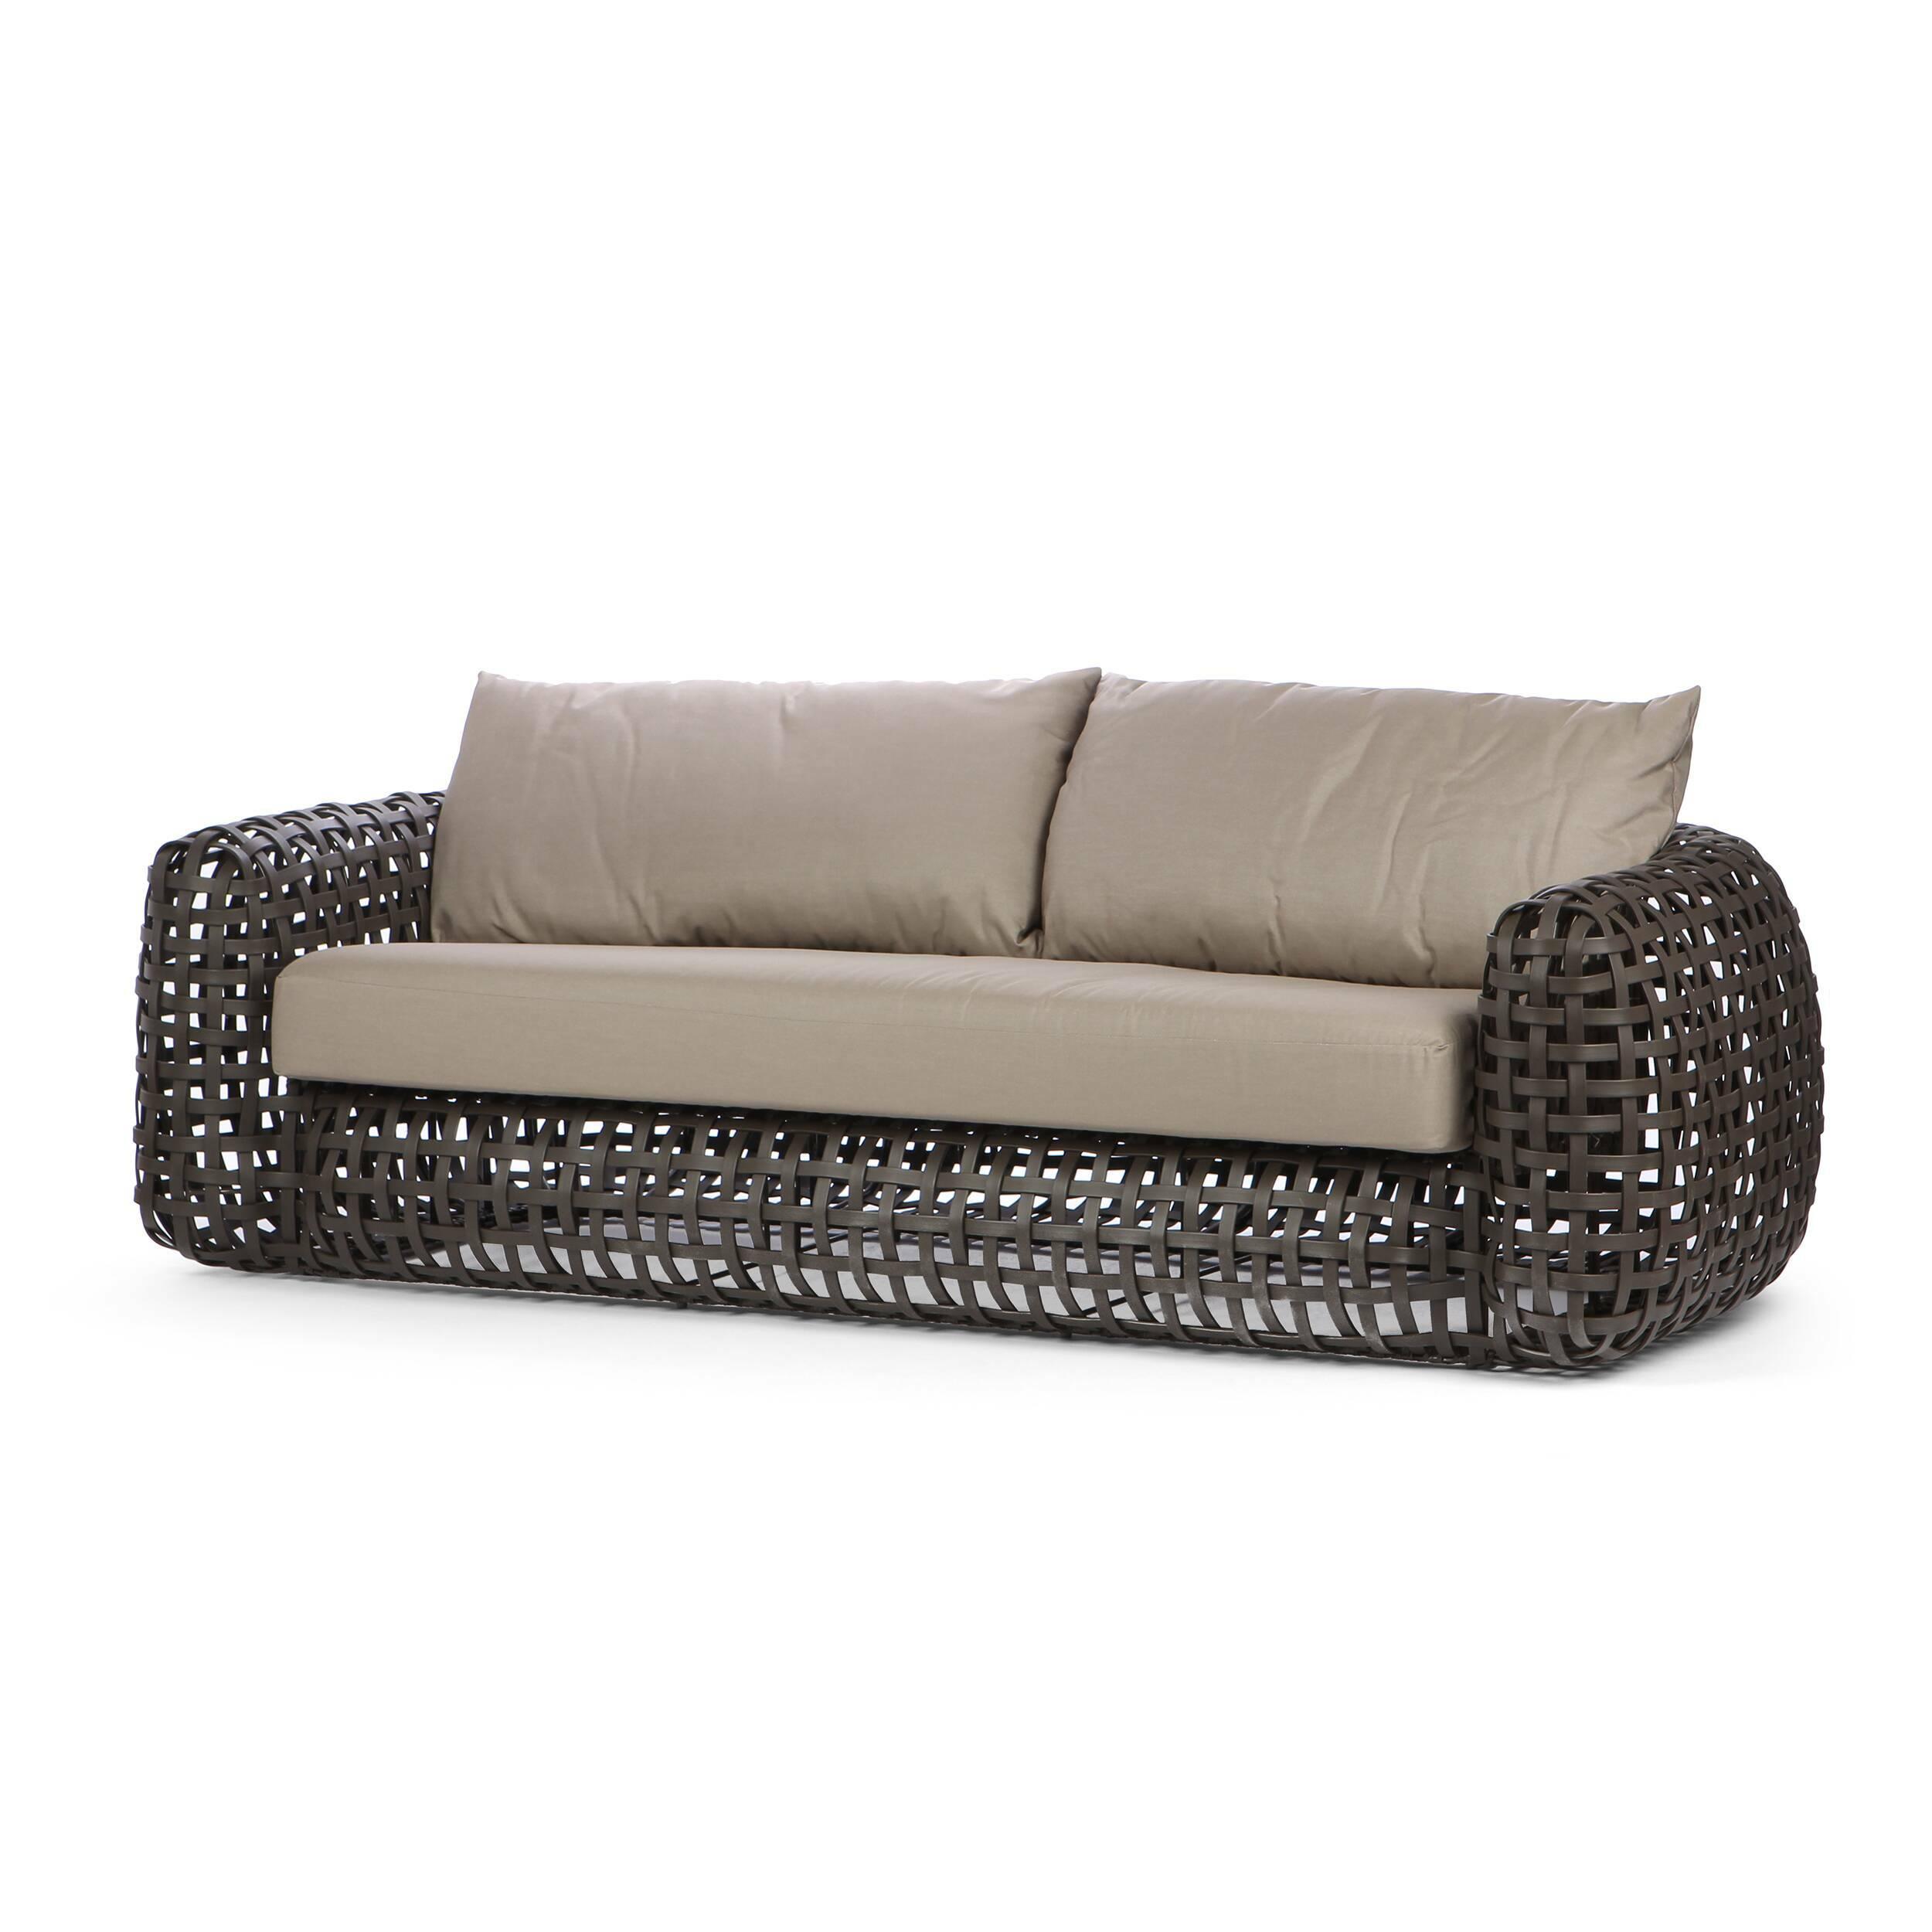 Диван MatildaУличная мебель<br>Филиппинский дизайнер Кеннет Кобонпу — непревзойденный мастер сочетания натуральных природных материалов с современными технологиями. Форма уличного дивана Matilda как будто копирует внешний облик классической дорогой мебели для гостиной. Переработанный полиэтилен, материал, из которого изготовлен диван, копирует ротанговую пальму и передает теплоту и приятную мягкую текстуру плетеной мебели. Плавные четкие линии и спокойный силуэт подчеркивают композиционную завершенность этой модели.<br> <br> Д...<br><br>stock: 0<br>Высота: 63<br>Глубина: 100<br>Длина: 230<br>Тип материала каркаса: Сталь нержавеющя<br>Тип материала обивки: Ткань<br>Цвет обивки: Серый<br>Цвет каркаса: Коричневый